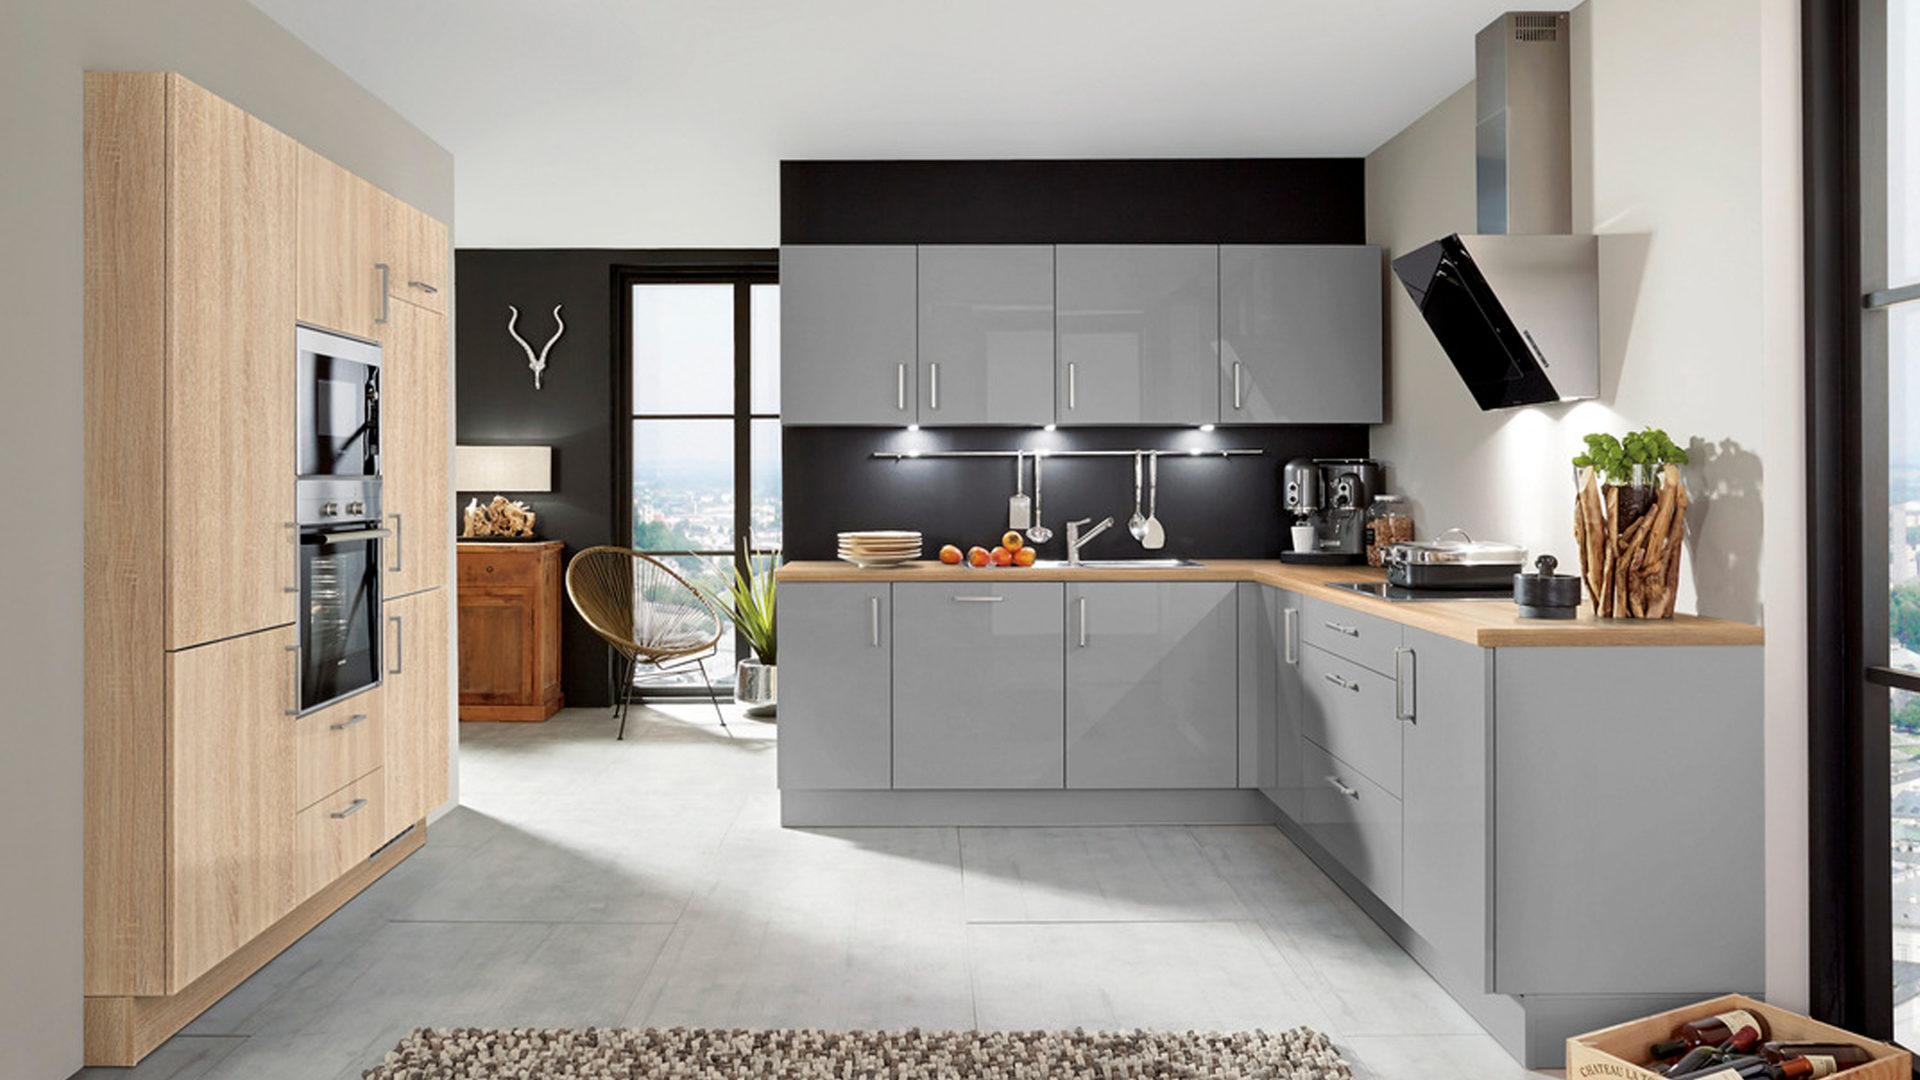 Tolle Farbauswahl Für Lackierte Küchenschränke Bilder ...